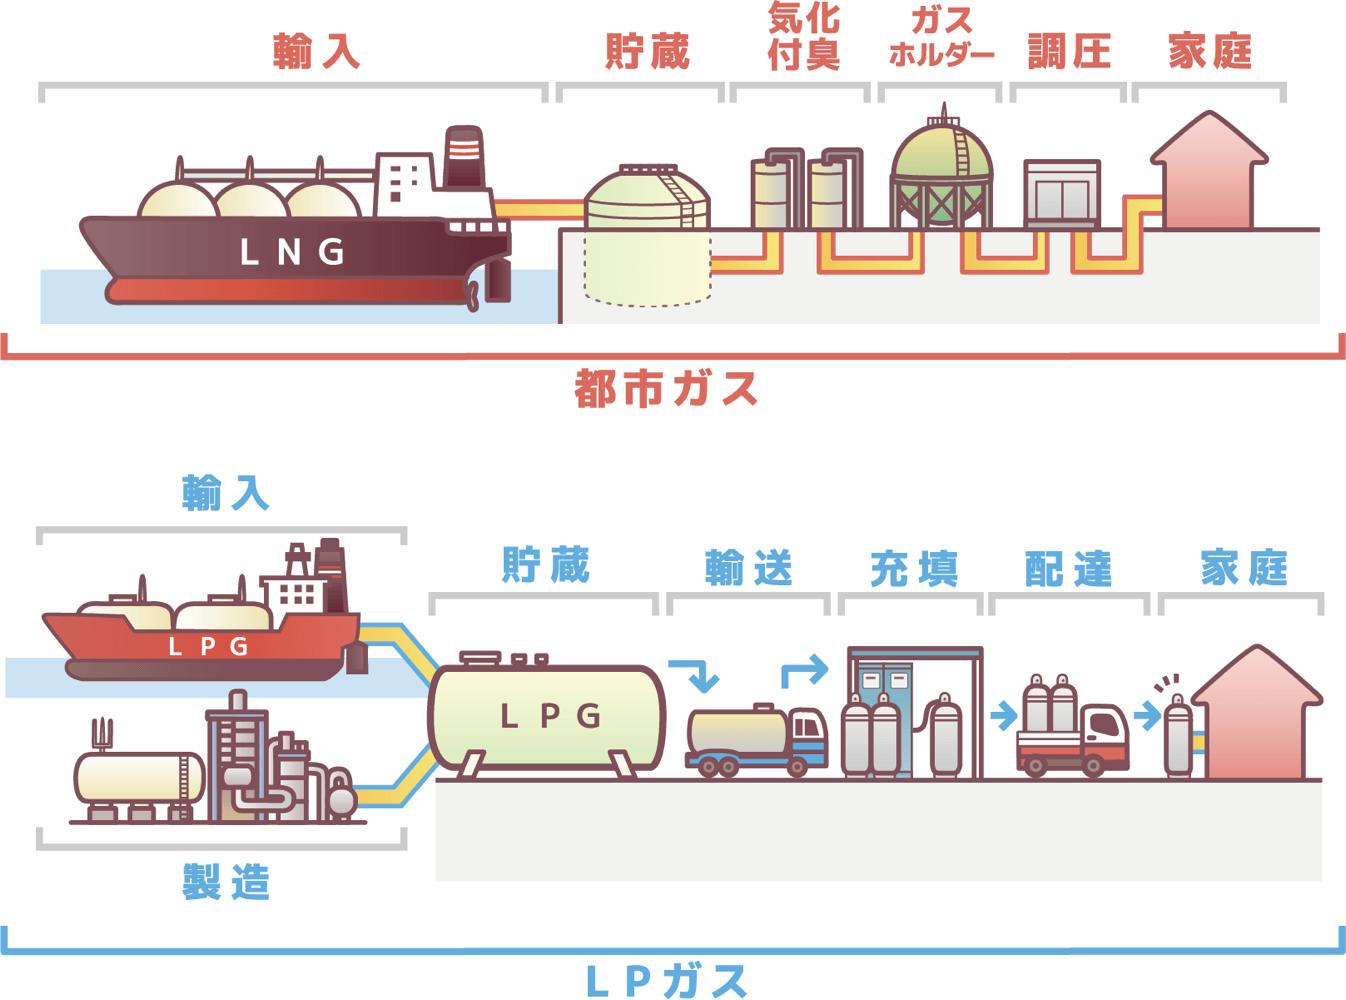 都市ガスとLPガスの提供方法